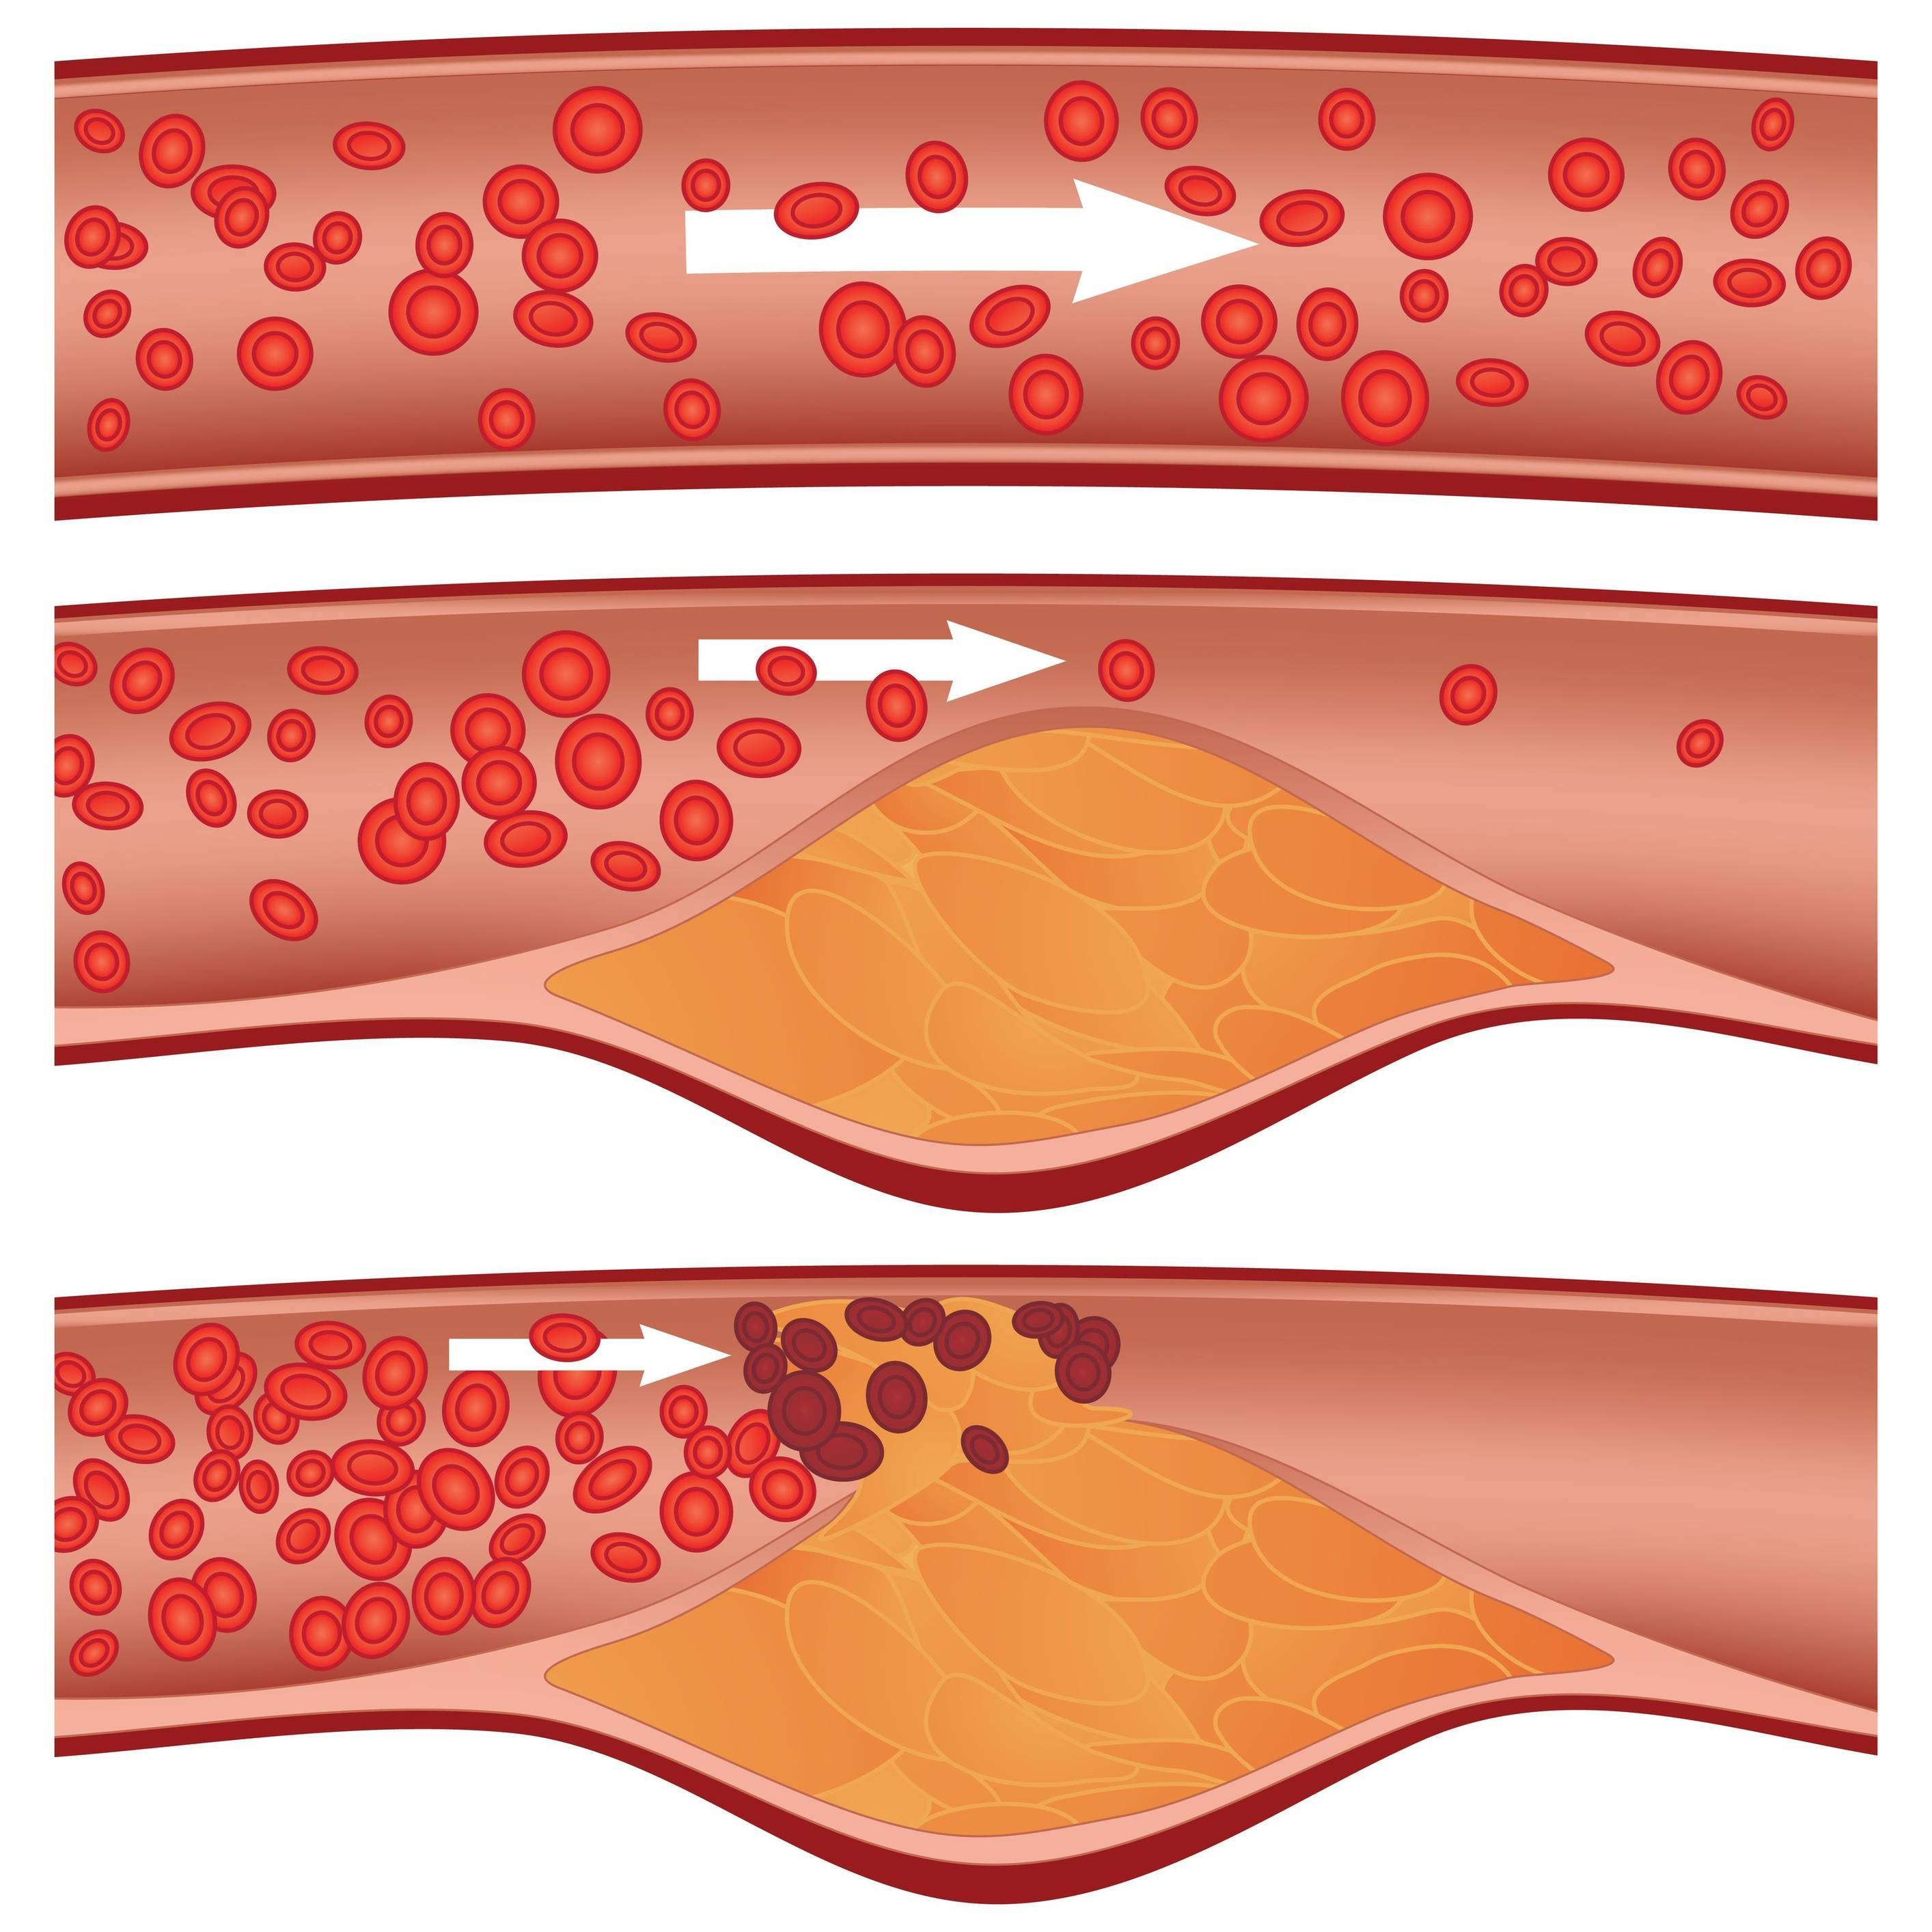 Как убрать холестериновые бляшки в сосудах?